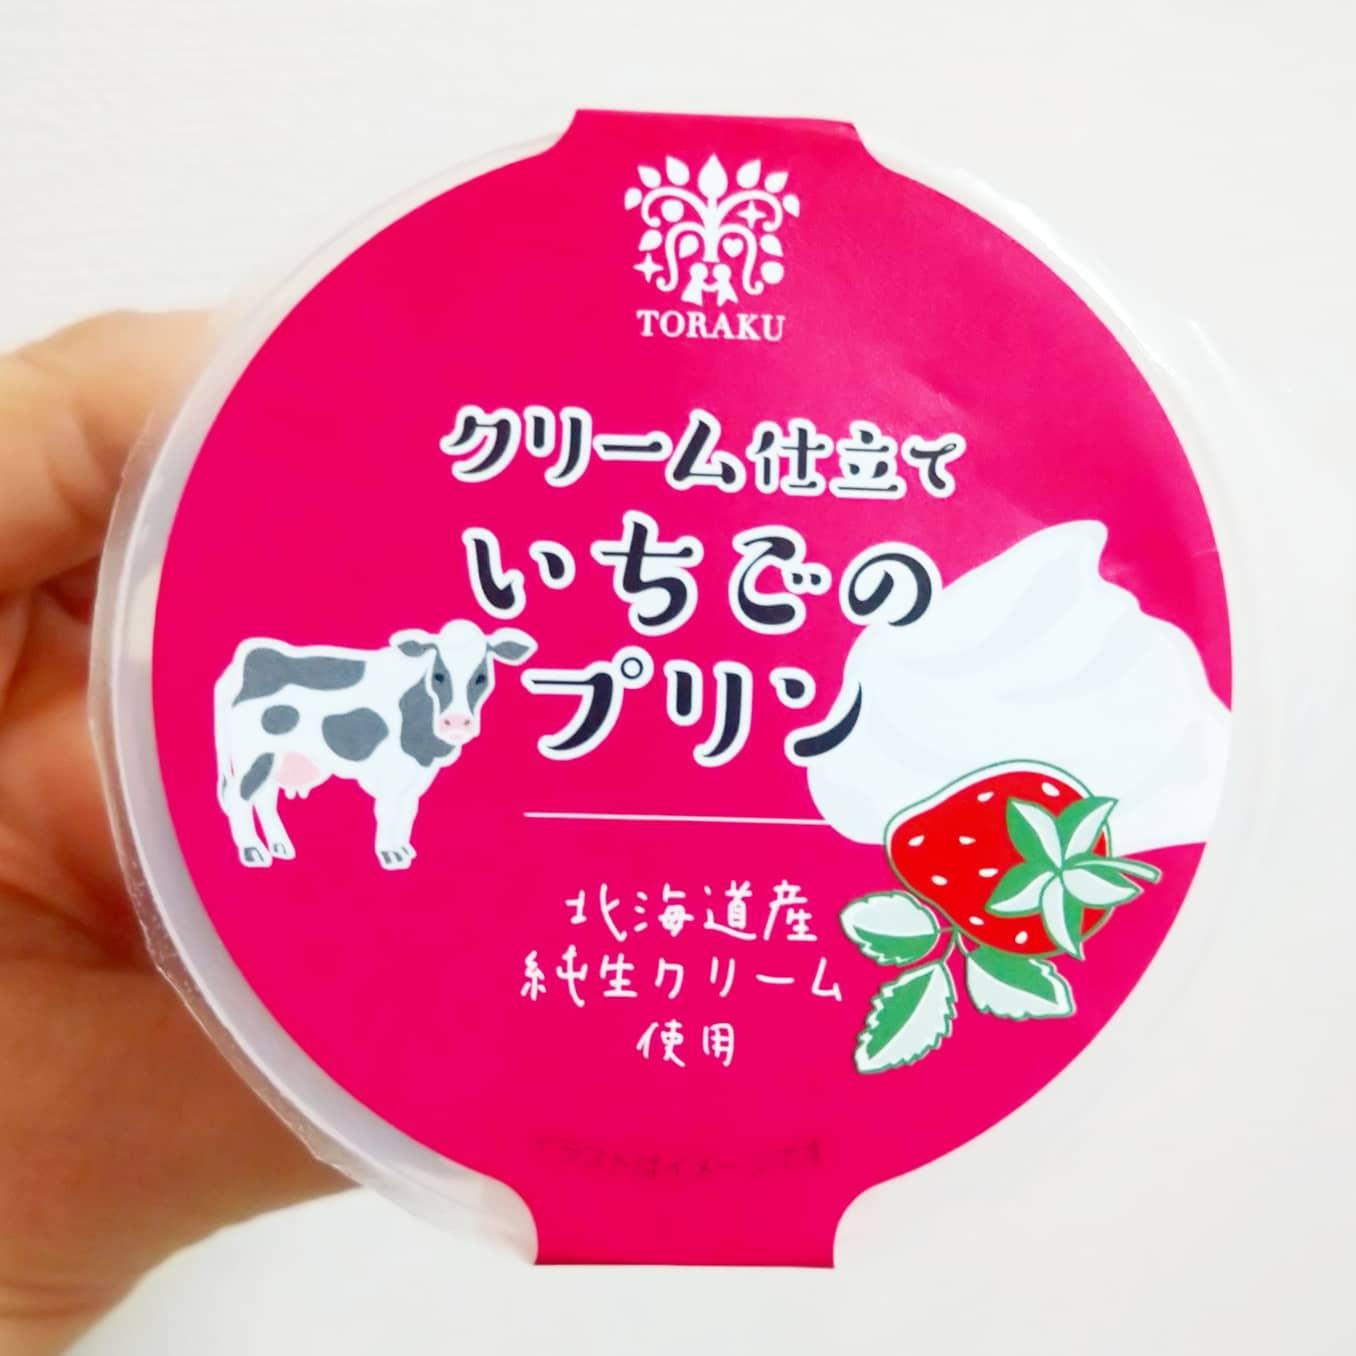 #いちごミルクラブ#トーラク #クリーム仕立ていちごのプリン 謎イチゴ系-☆---本物イチゴ系甘さ強め系--☆--控え目系こってり系-☆---さっぱり系超ミルク系---☆-生クリーム系おもいで度---☆- #侍猫度クリームミーな謎苺牛乳味で超うまい!生クリームの力で謎苺牛乳味がこくのある仕上がりになってるよ!こいつは酸味ないし謎苺牛乳好きはきにいるやつだね。デイリーヤマザキで買ったやつだね#いちごオレ #いちごオレ味 #いちごミルク #いちごミルクみたい #いちご牛乳 #いちご牛乳味 #イチゴ牛乳 #いちご牛乳クラブ #苺牛乳 #苺牛乳が好き #苺ミルク #苺スイーツ #苺 #苺好きに生まれたからには #メソギア派 #糖分 #いちごミルク味 #スイーツ #スイーツ好き #スイーツスタグラム #スイーツタイム #スイーツ写真 #strawberry #strawberrymilk